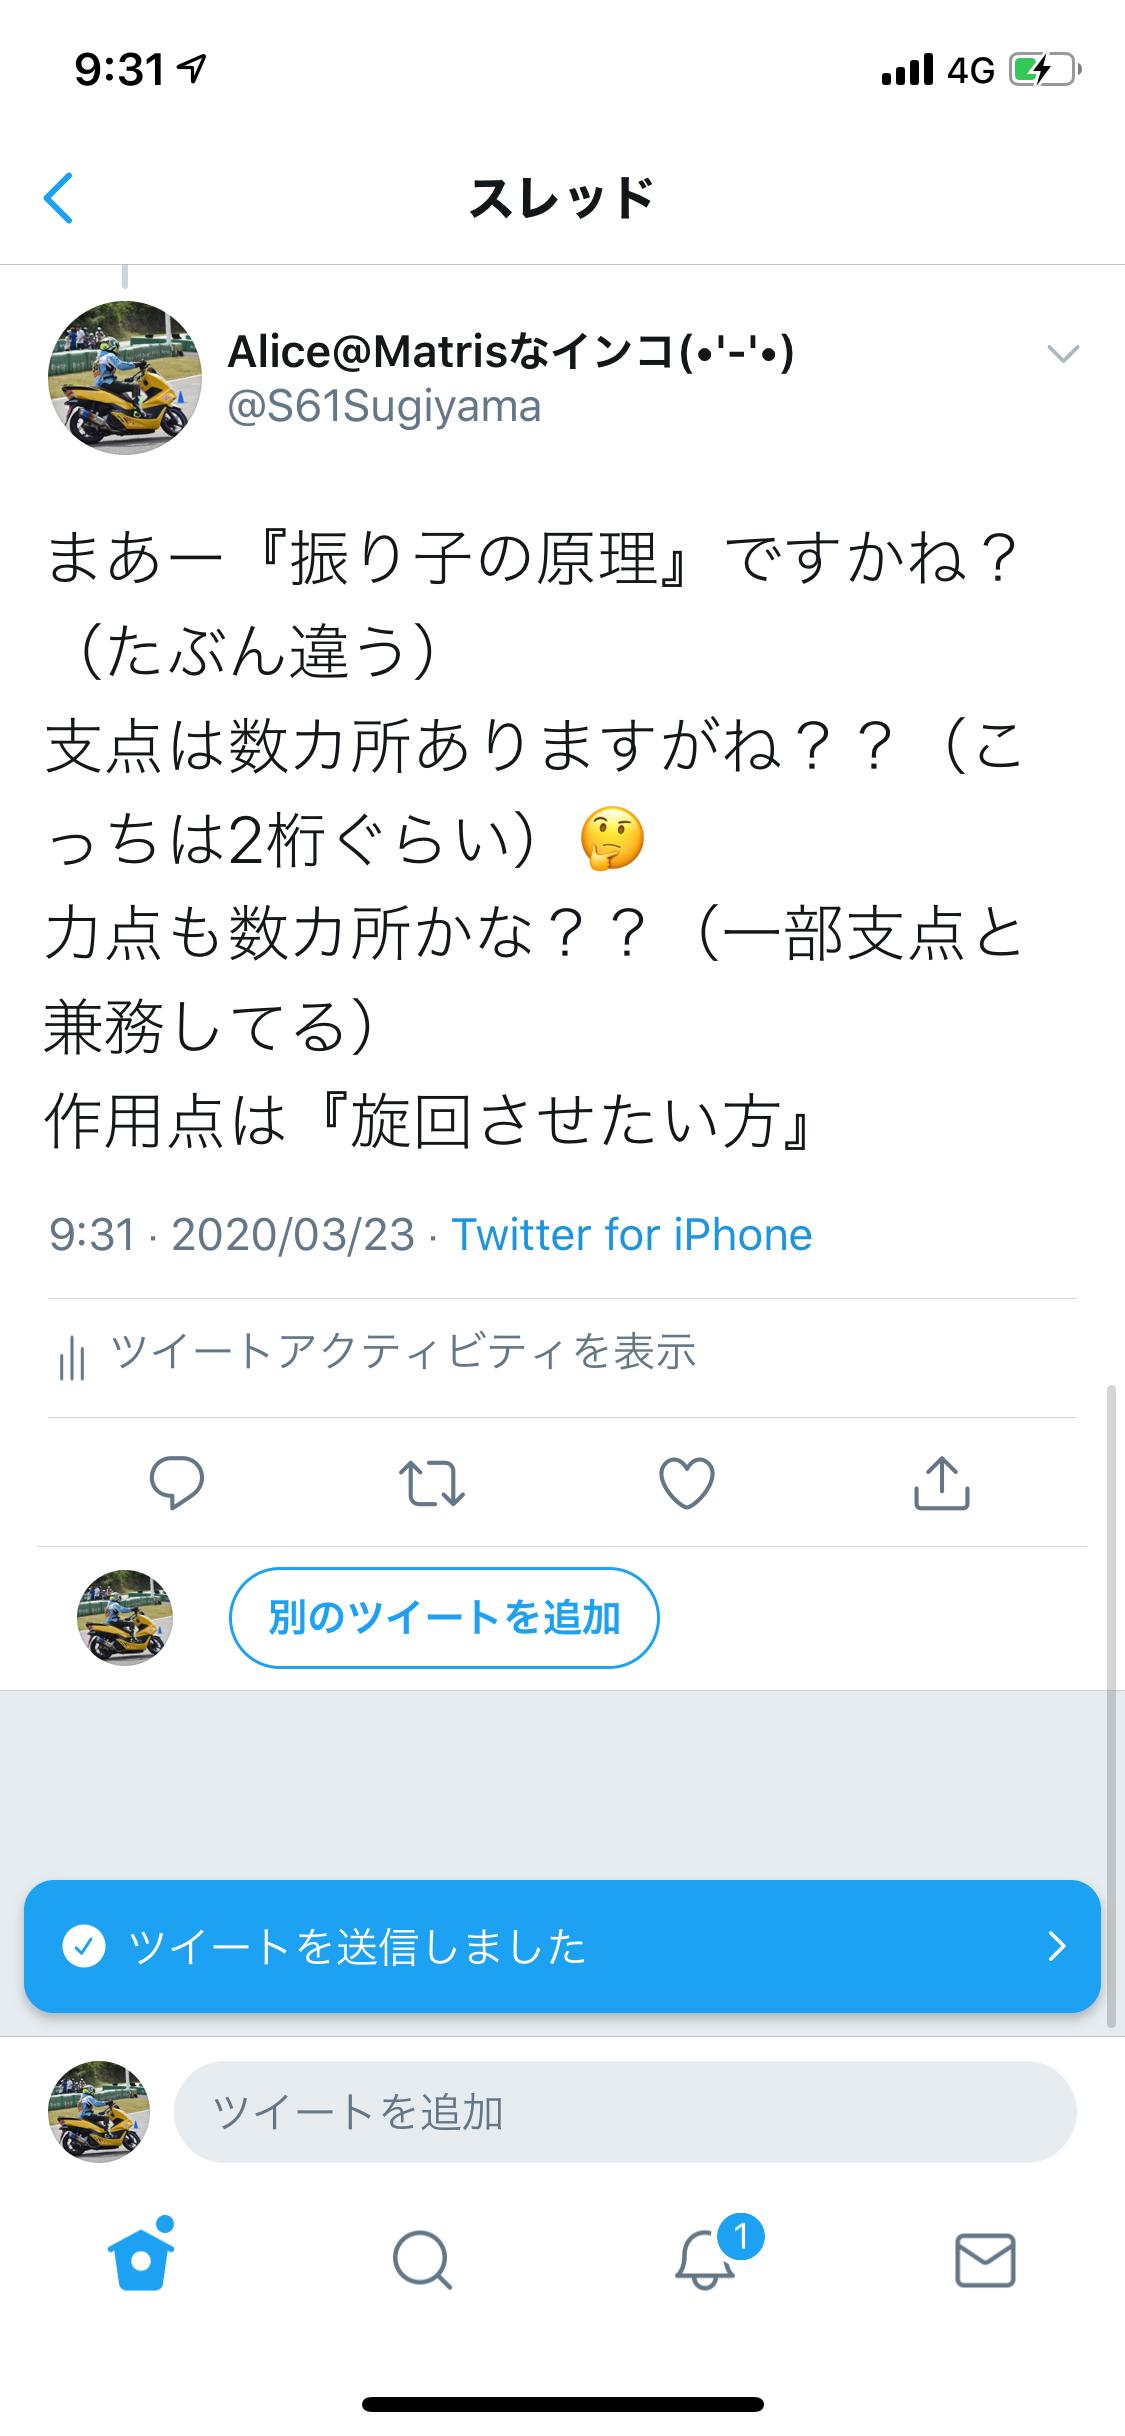 f:id:m-sugiyama-s61:20200328190003p:plain